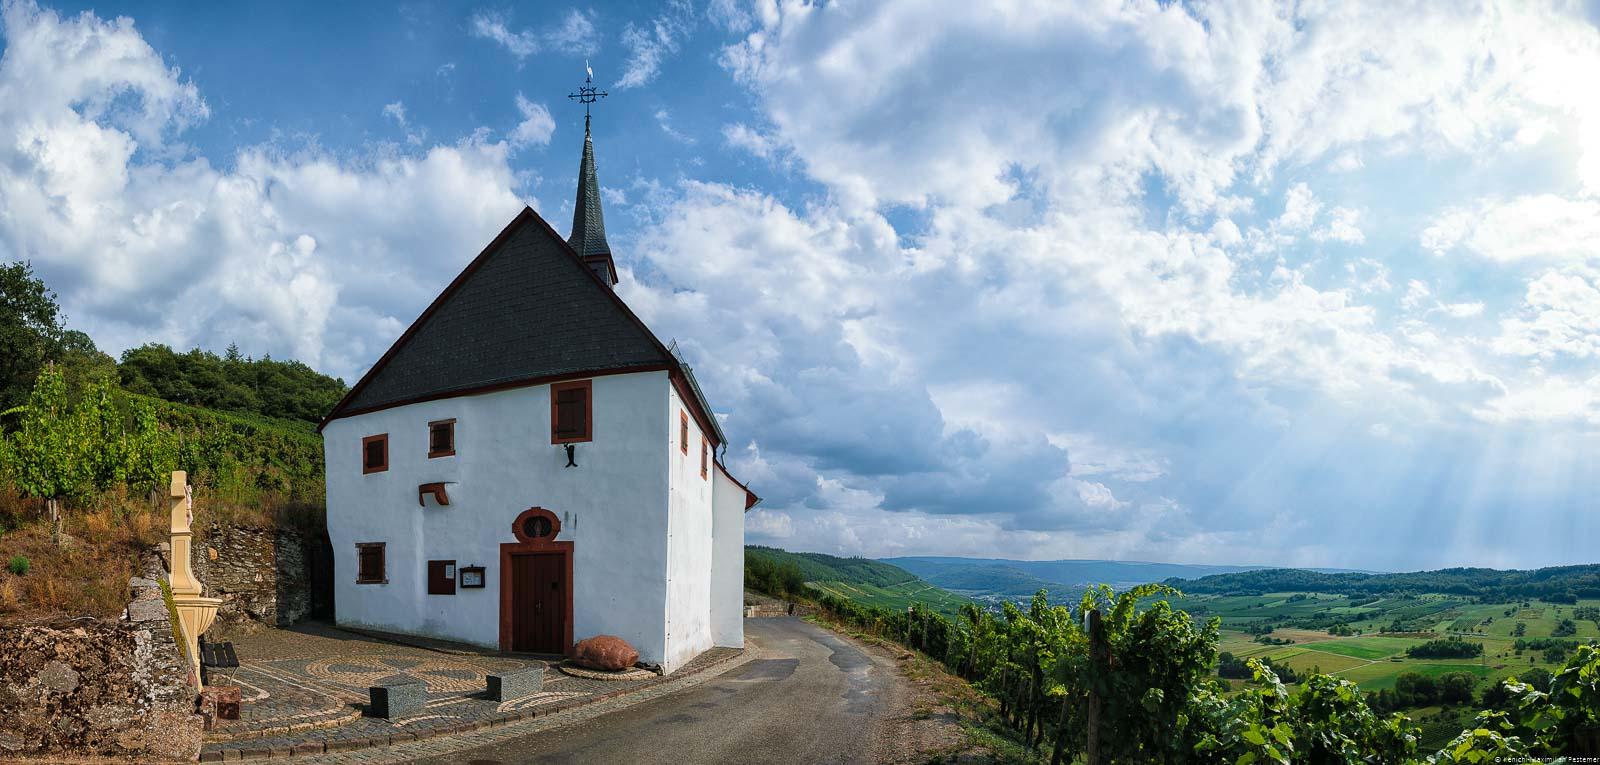 Auf dem Schlossberg bei Lieser befindet sich eine alte Kapelle. Unten breitet sich die Ebene vor dem Dorf aus. Am Himmel sind Wolken aus den Sonnenstrahlen auf den Boden strahlen. Der Weinberg liegt im Bereich der Mittelmosel.